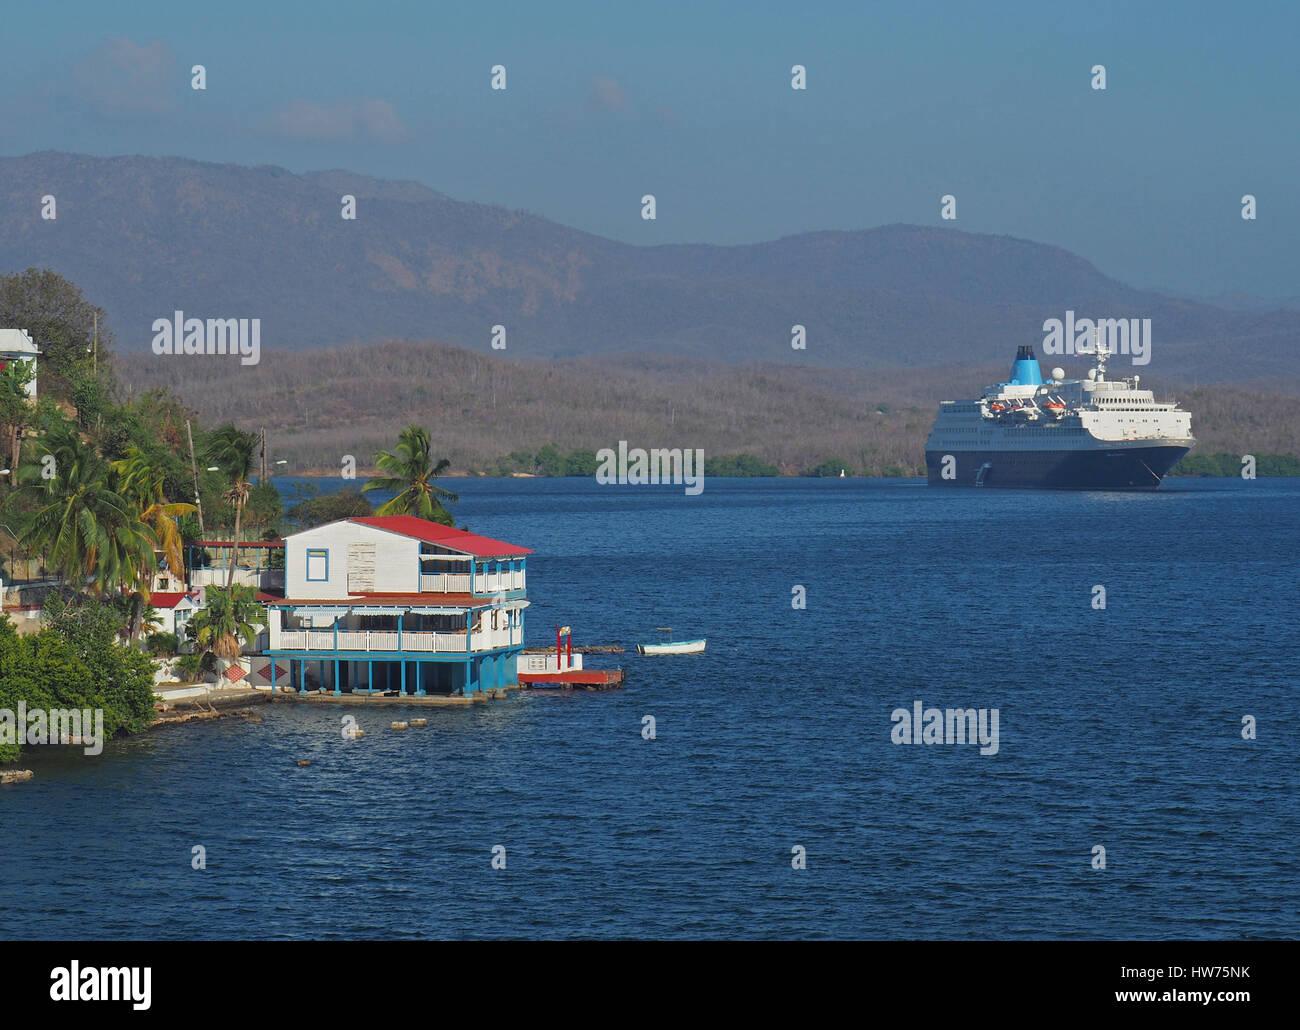 Cruise ship Saga Sapphire in harbor of Santiago de Cuba. - Stock Image